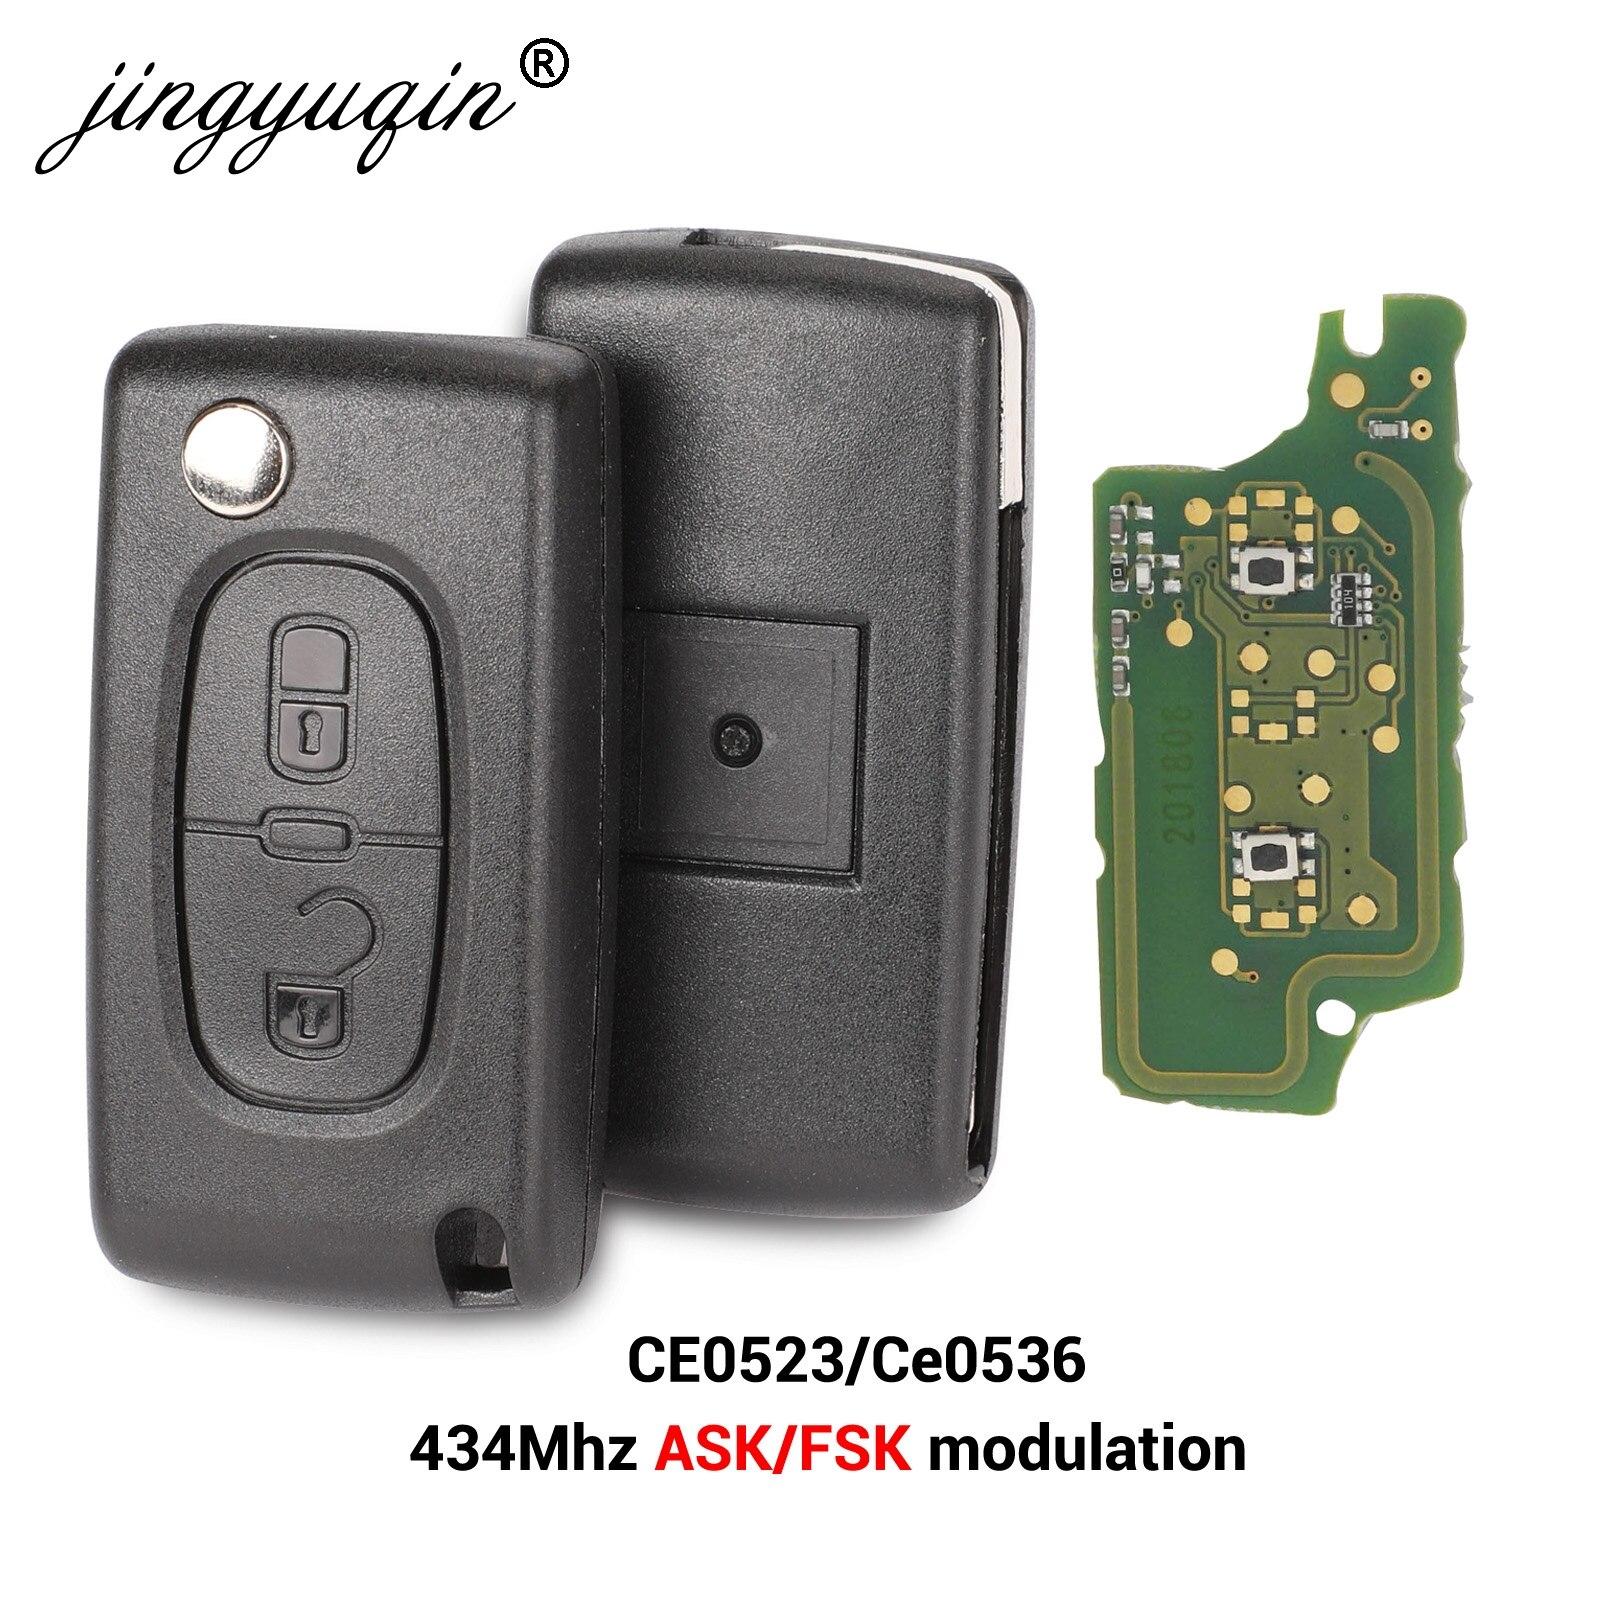 Jingyuqin 434 МГц ASK FSK 2 кнопочный дистанционный флип-брелок для Citroen C2 C3 C4 C5 C6 C8 Xsara Picasso CE0523 Ce0536 VA2/HCA Blade